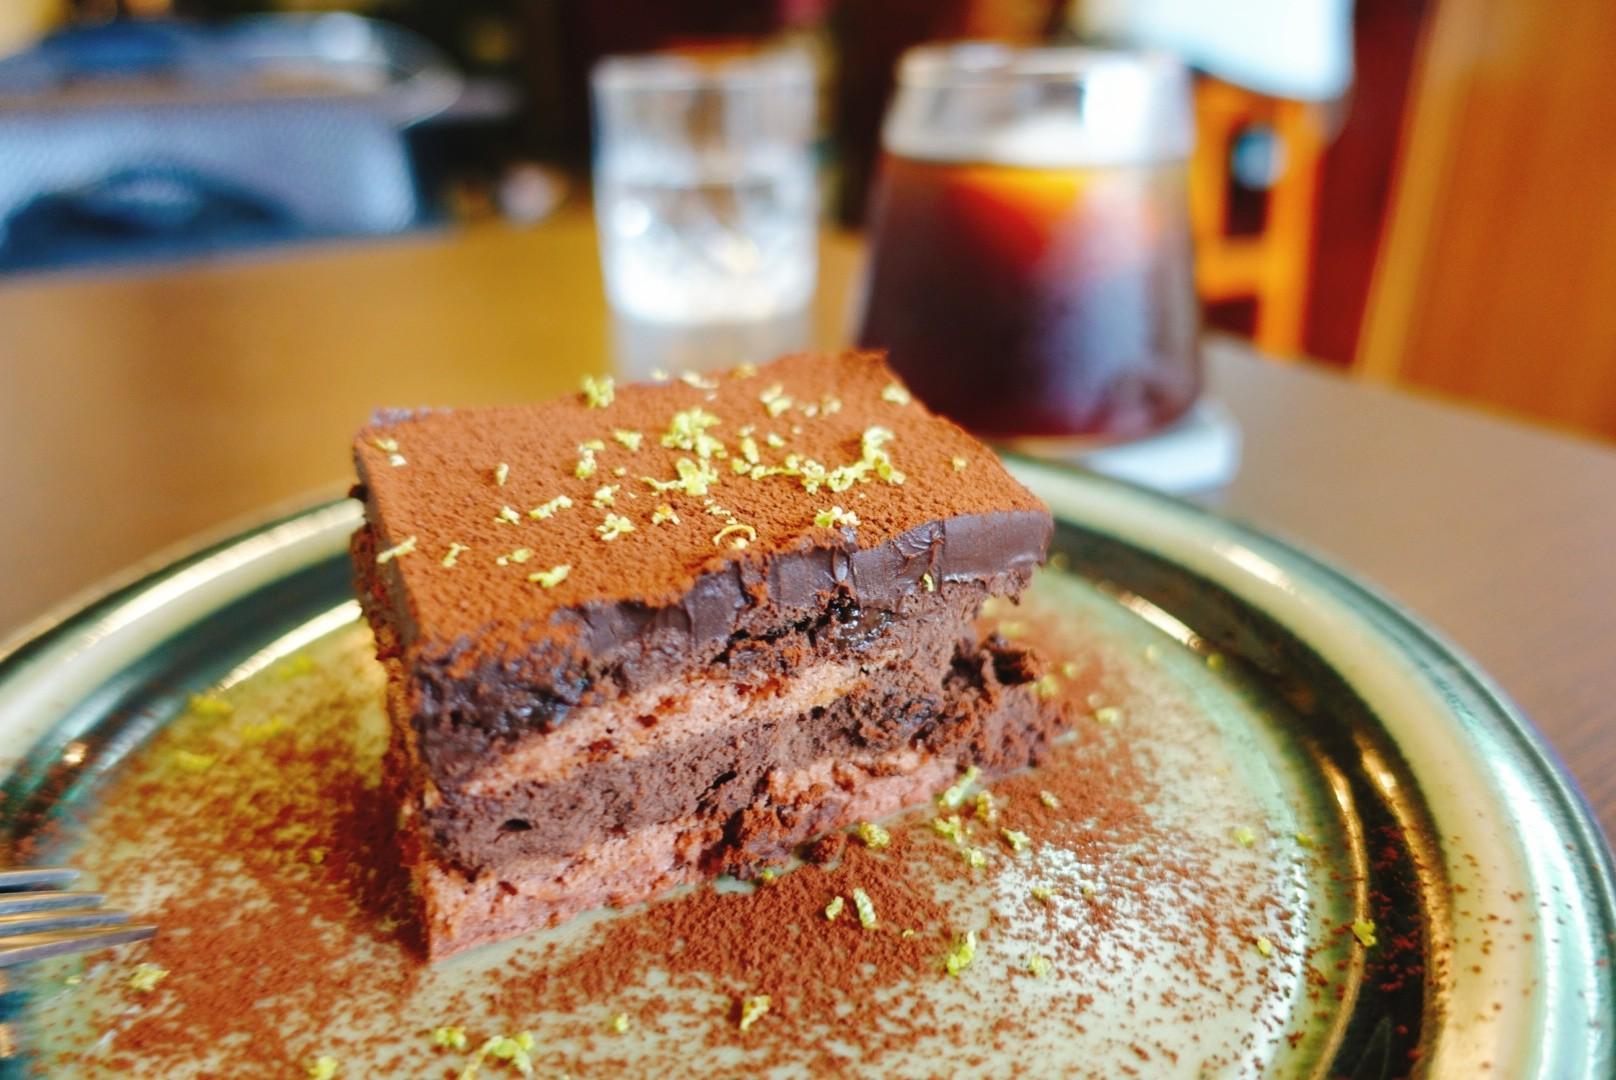 【花蓮市區】阿莫咖啡|冰滴咖啡與可口沙哈蛋糕相遇的午茶時光